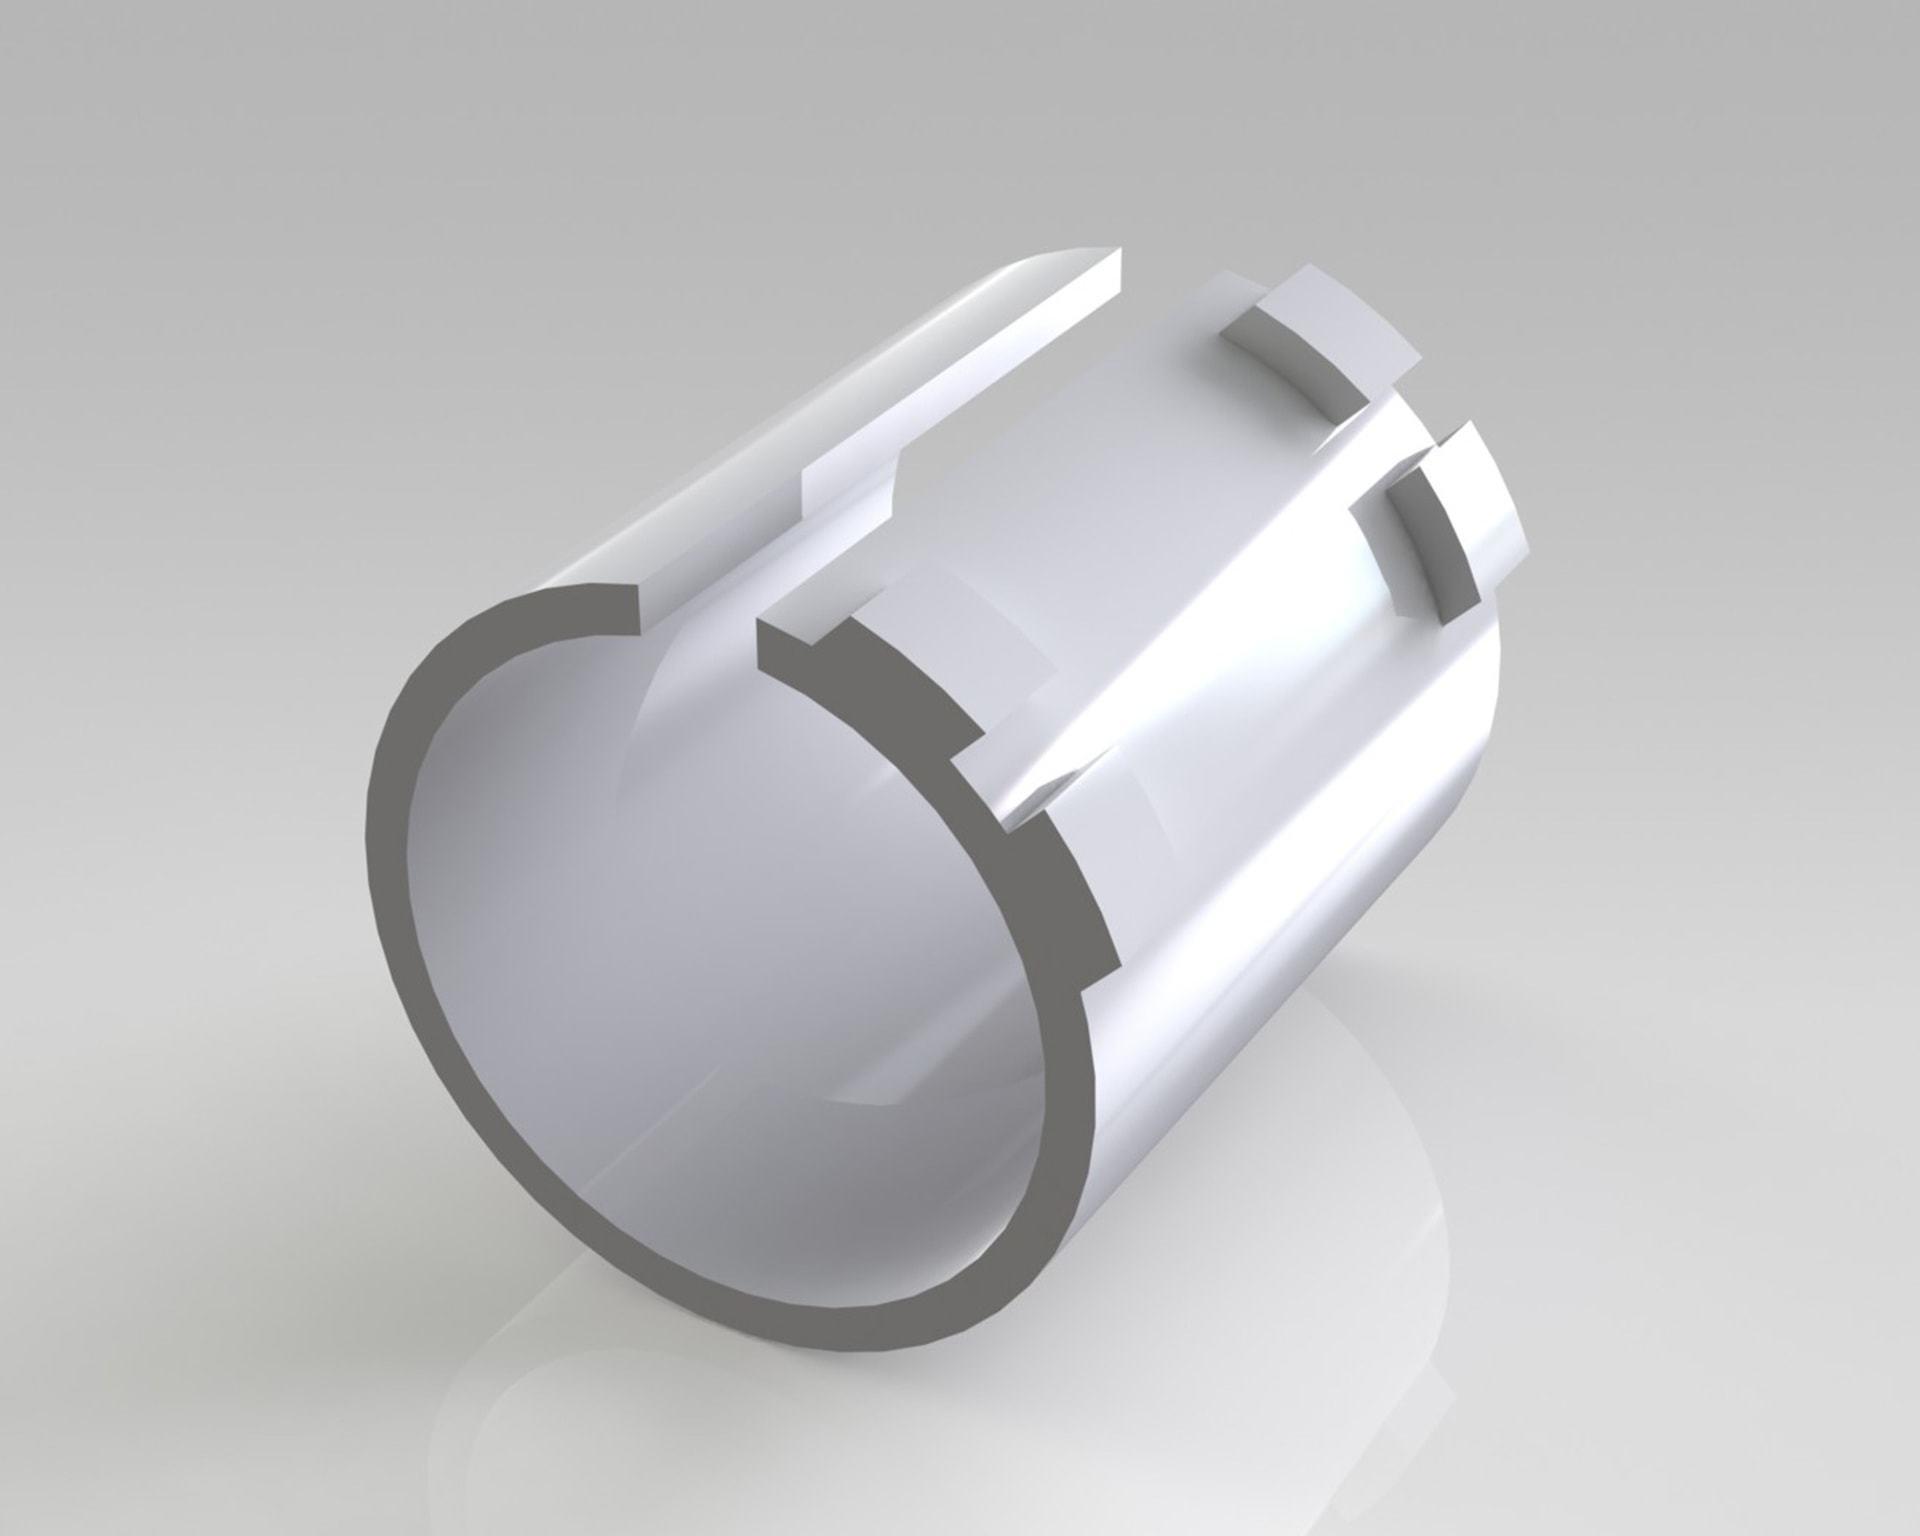 PEK3 Easytube Plastic Accessories GAP 12